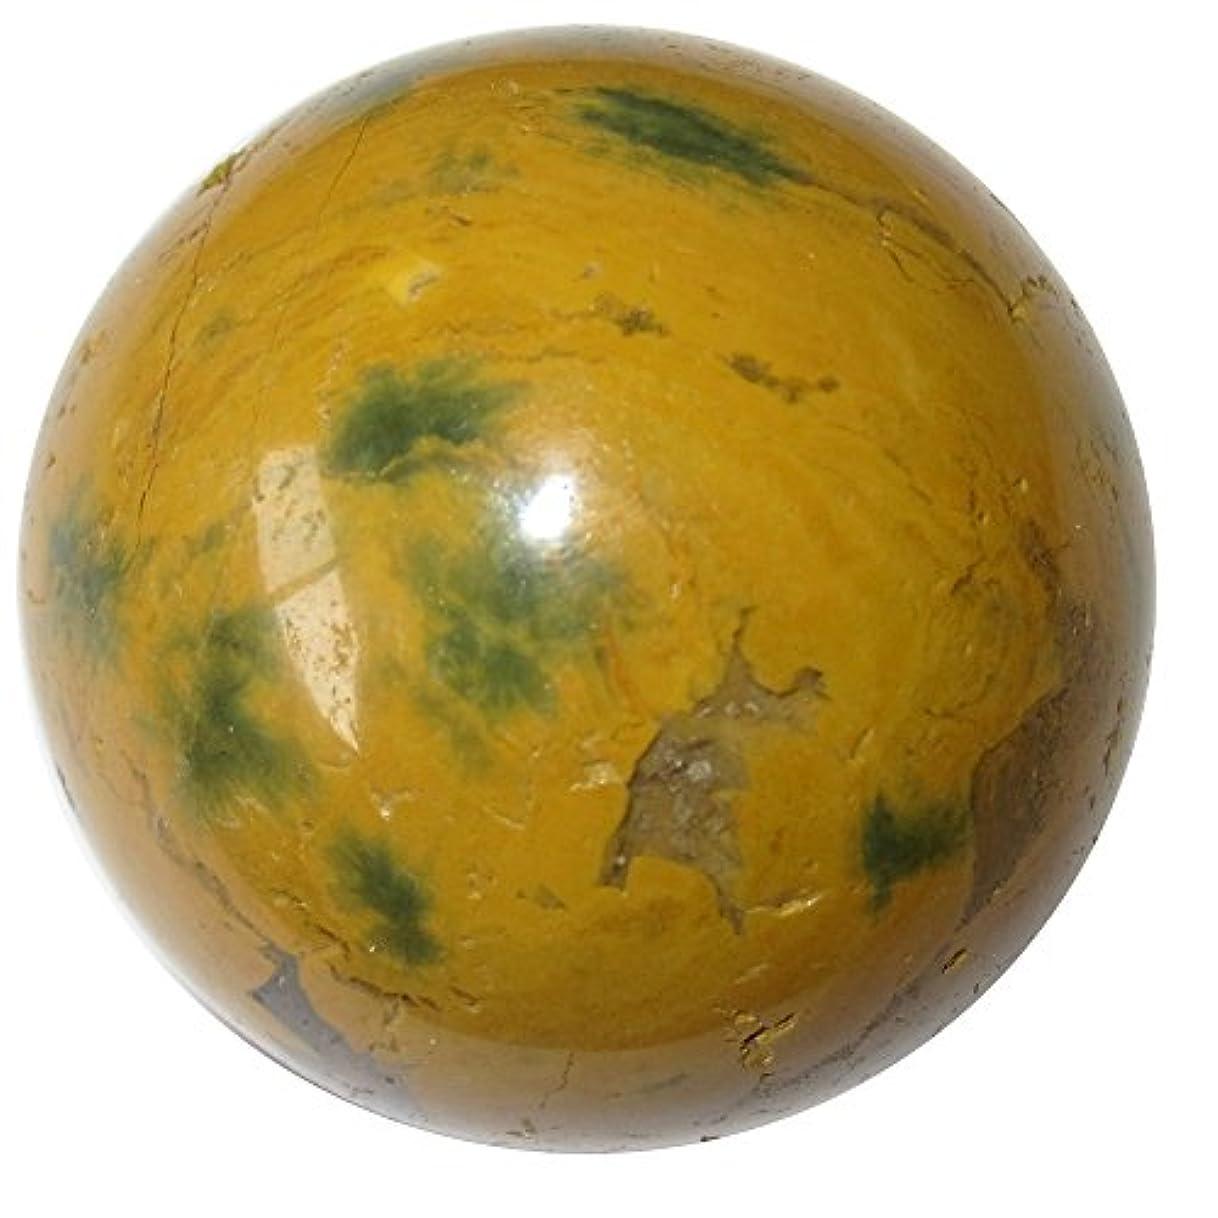 配列最適まろやかなサテンクリスタルジャスパー海洋ボールプレミアムマダガスカル球水要素エネルギーフローストーンp01 1.6 Inches イエロー jasperoceanball01-mustardgreen-1.6